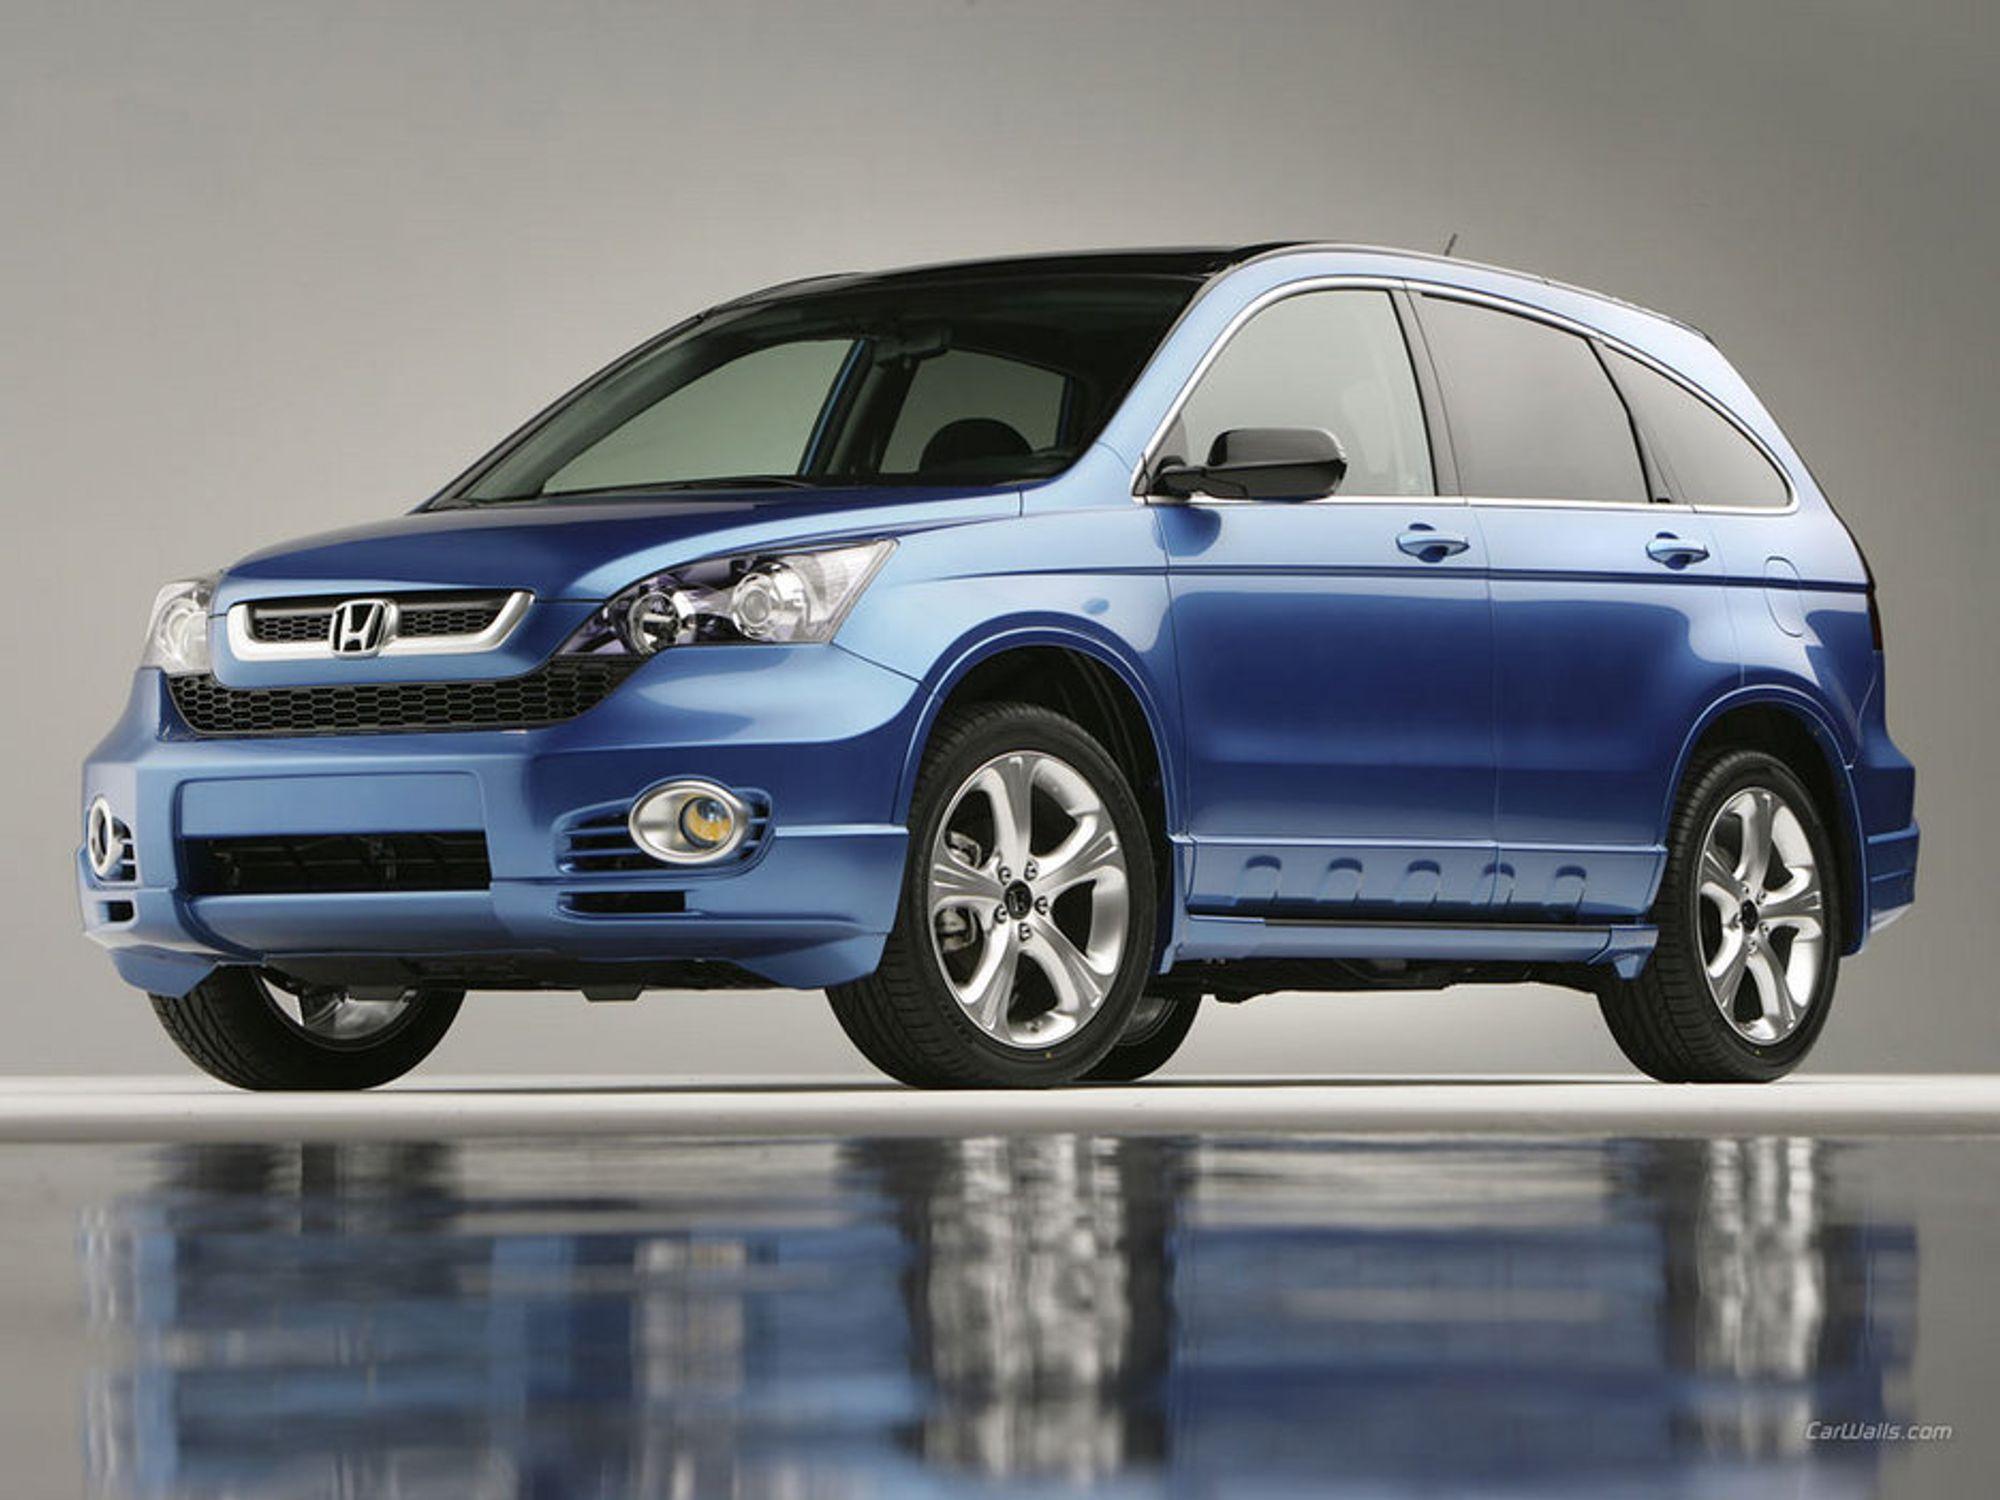 Blir ny: Honda CR-V kommer i år i ny utgave. En av nyvinningene skal det gjøre enda mer behagelig å koble inn fartsholderen i rushtrafikken.